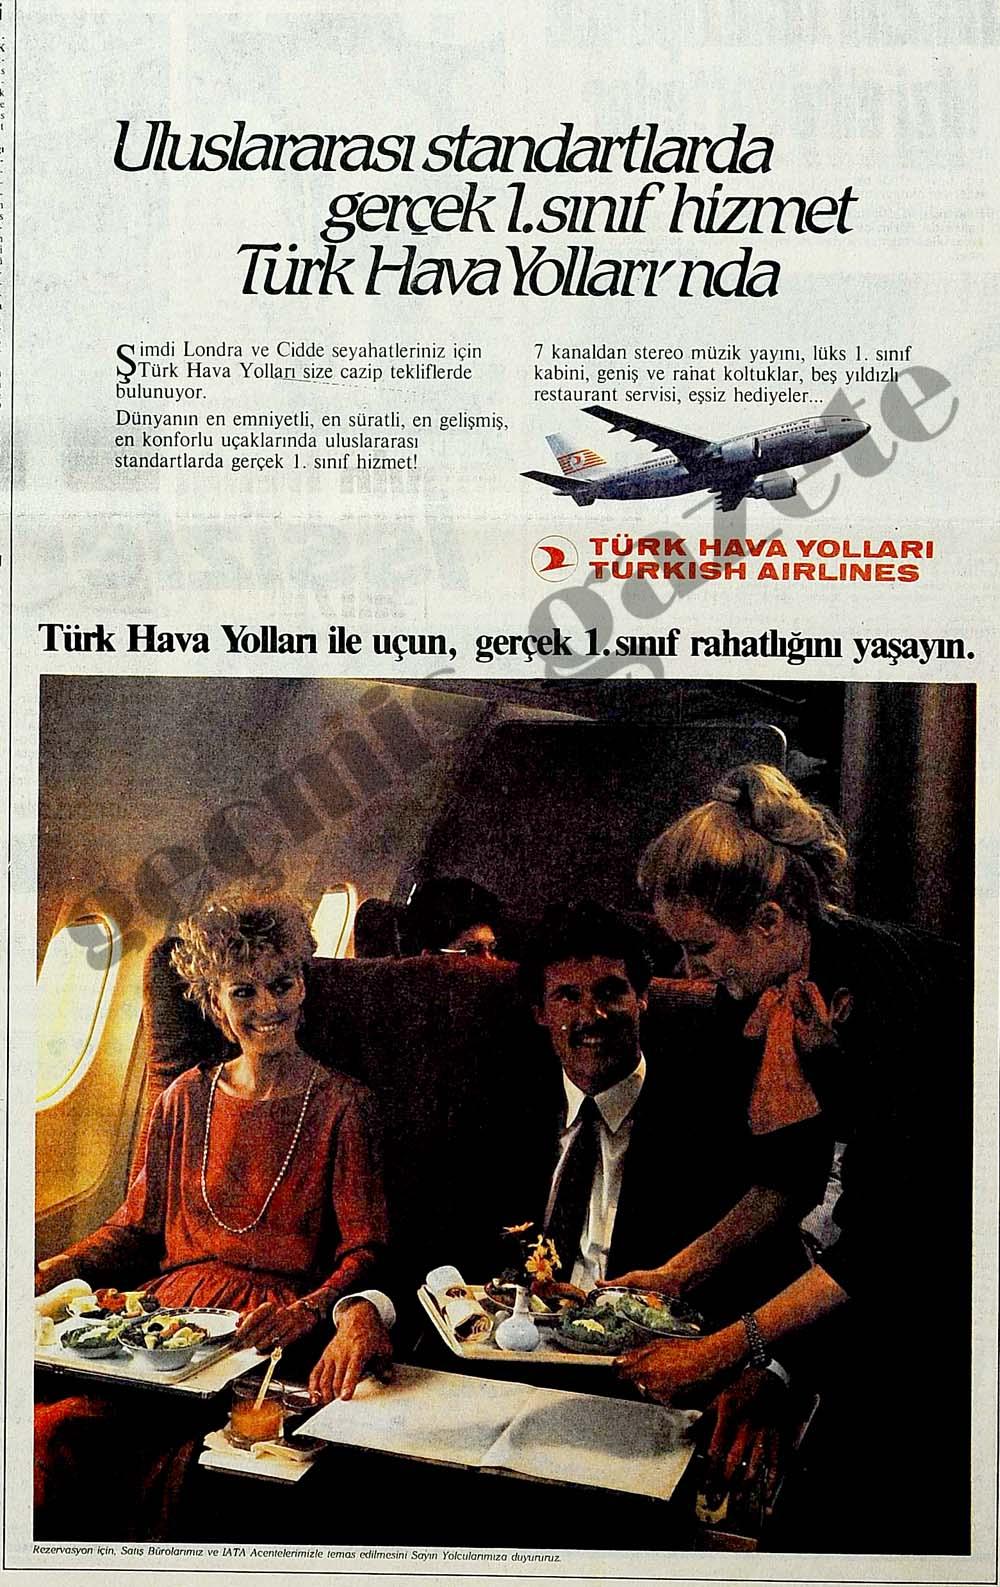 Uluslararası standartlarda gerçek 1.sınıf hizmet Türk Hava Yolları'nda